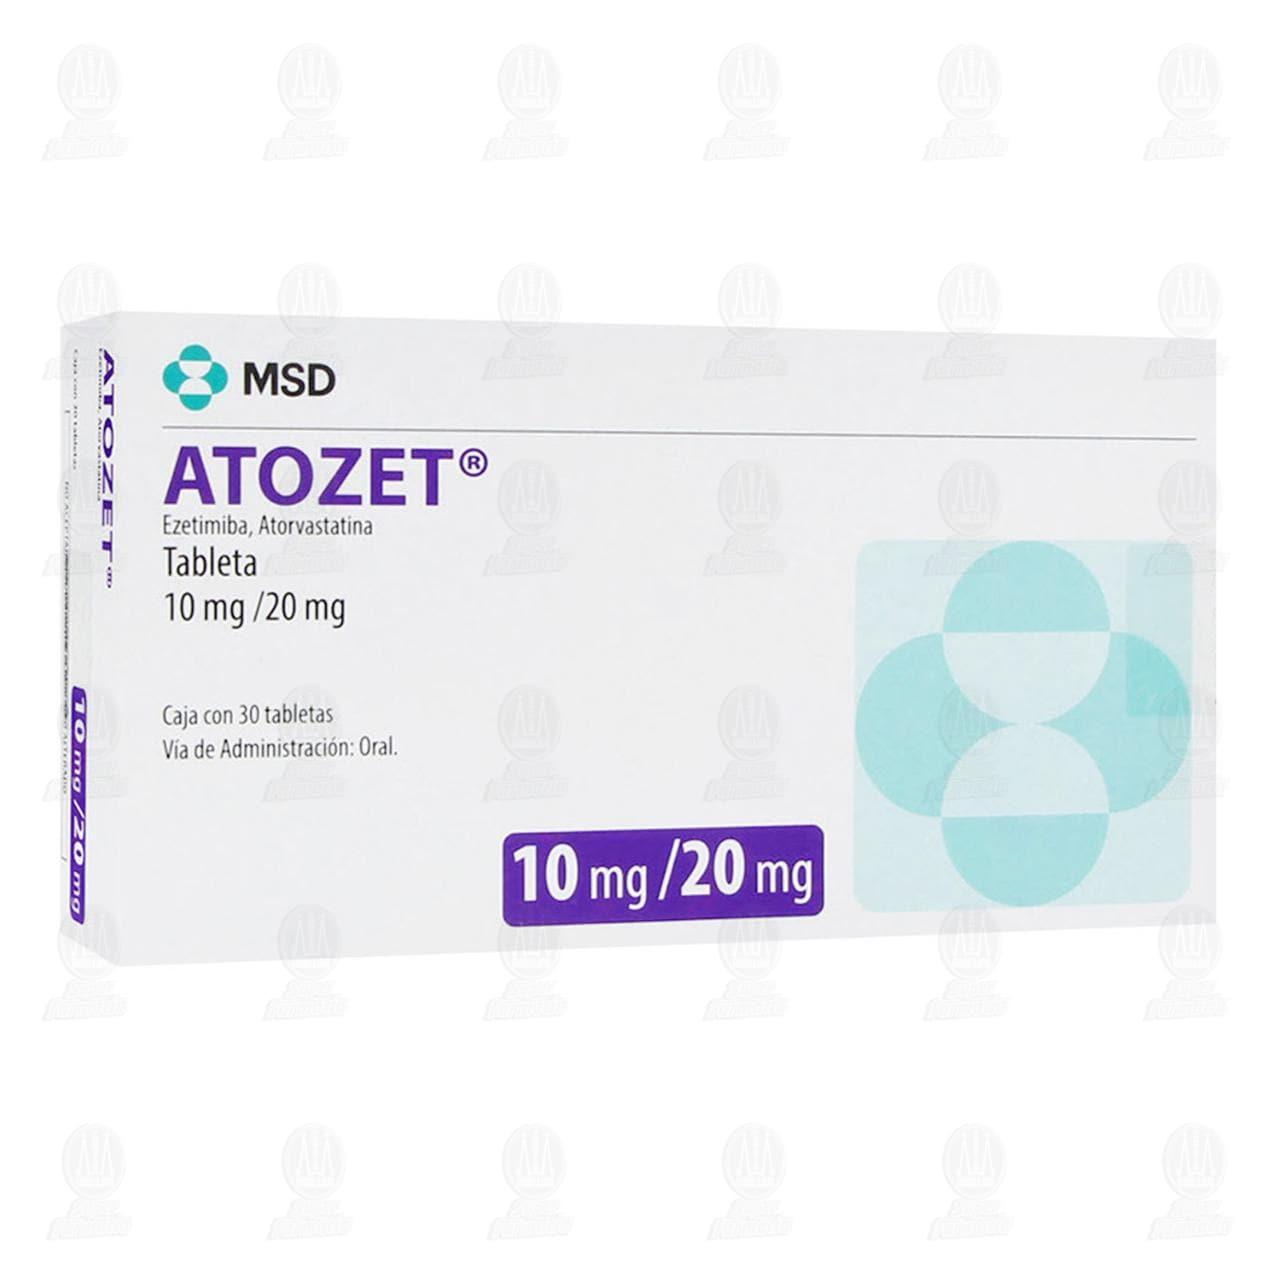 Atozet 10mg/20mg 30 Tabletas